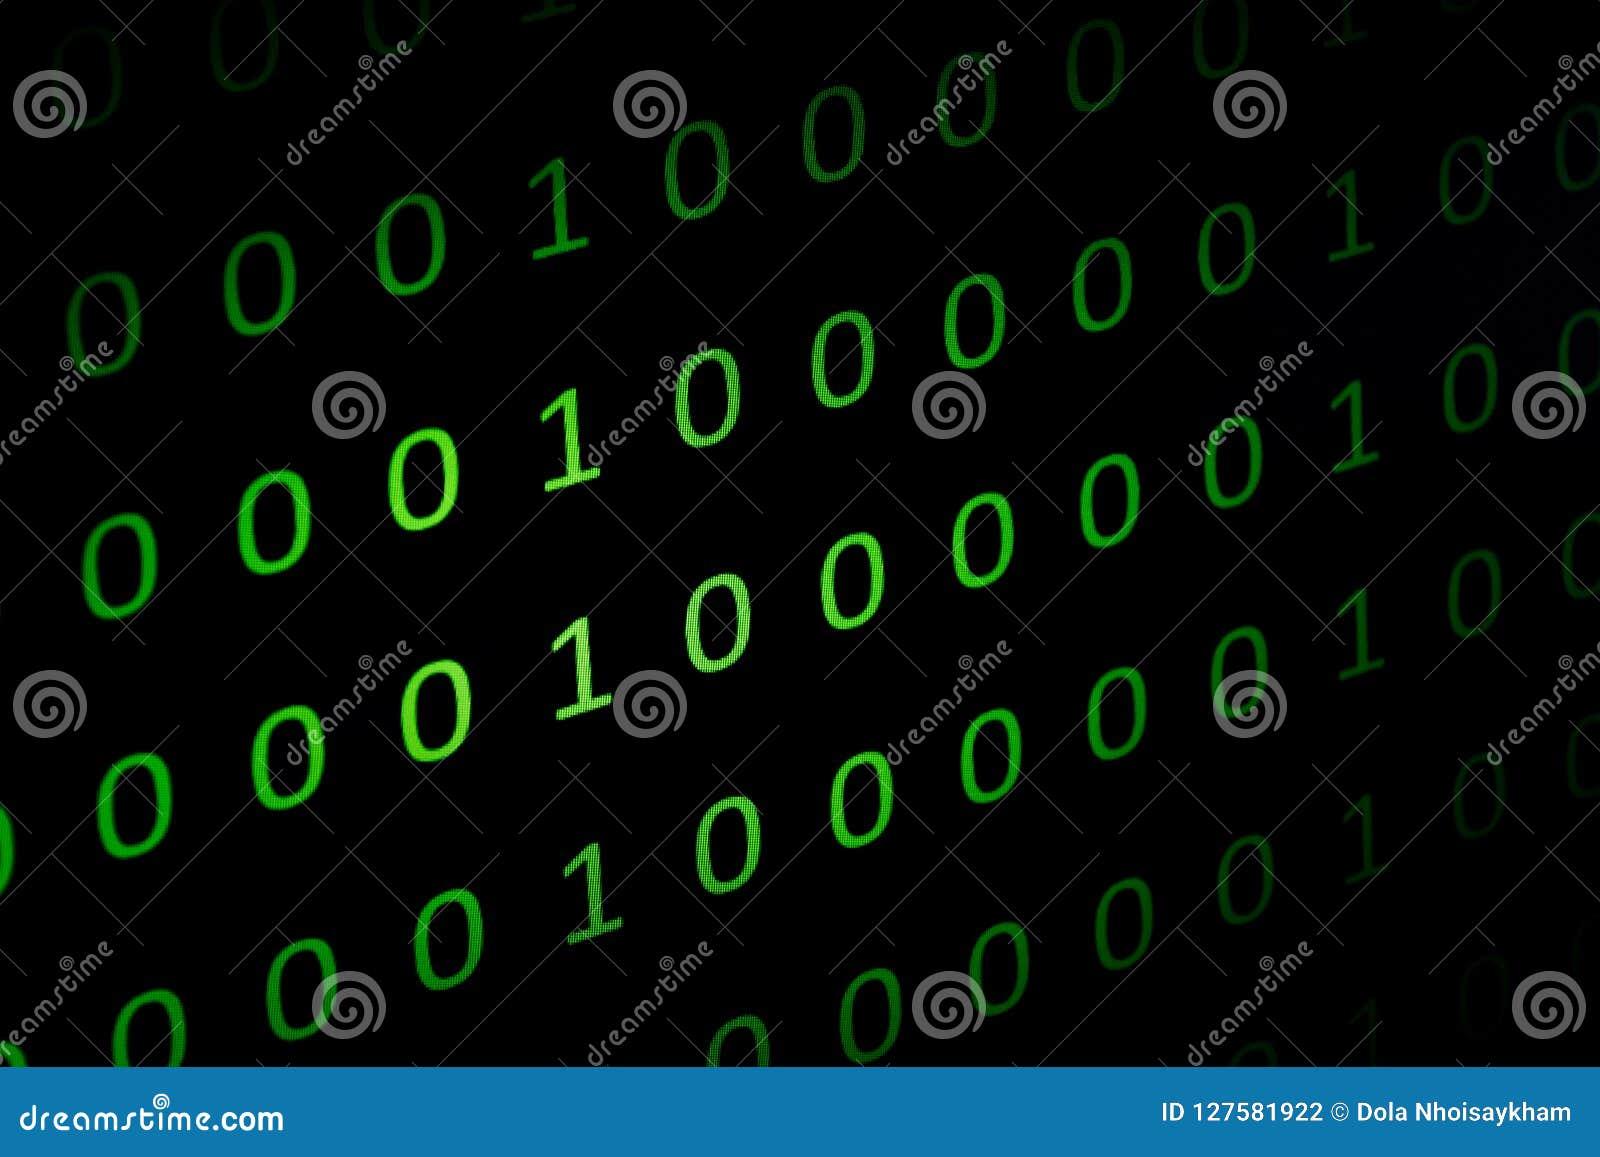 数字连续, abctract数据用二进制编码,给技术砍伐